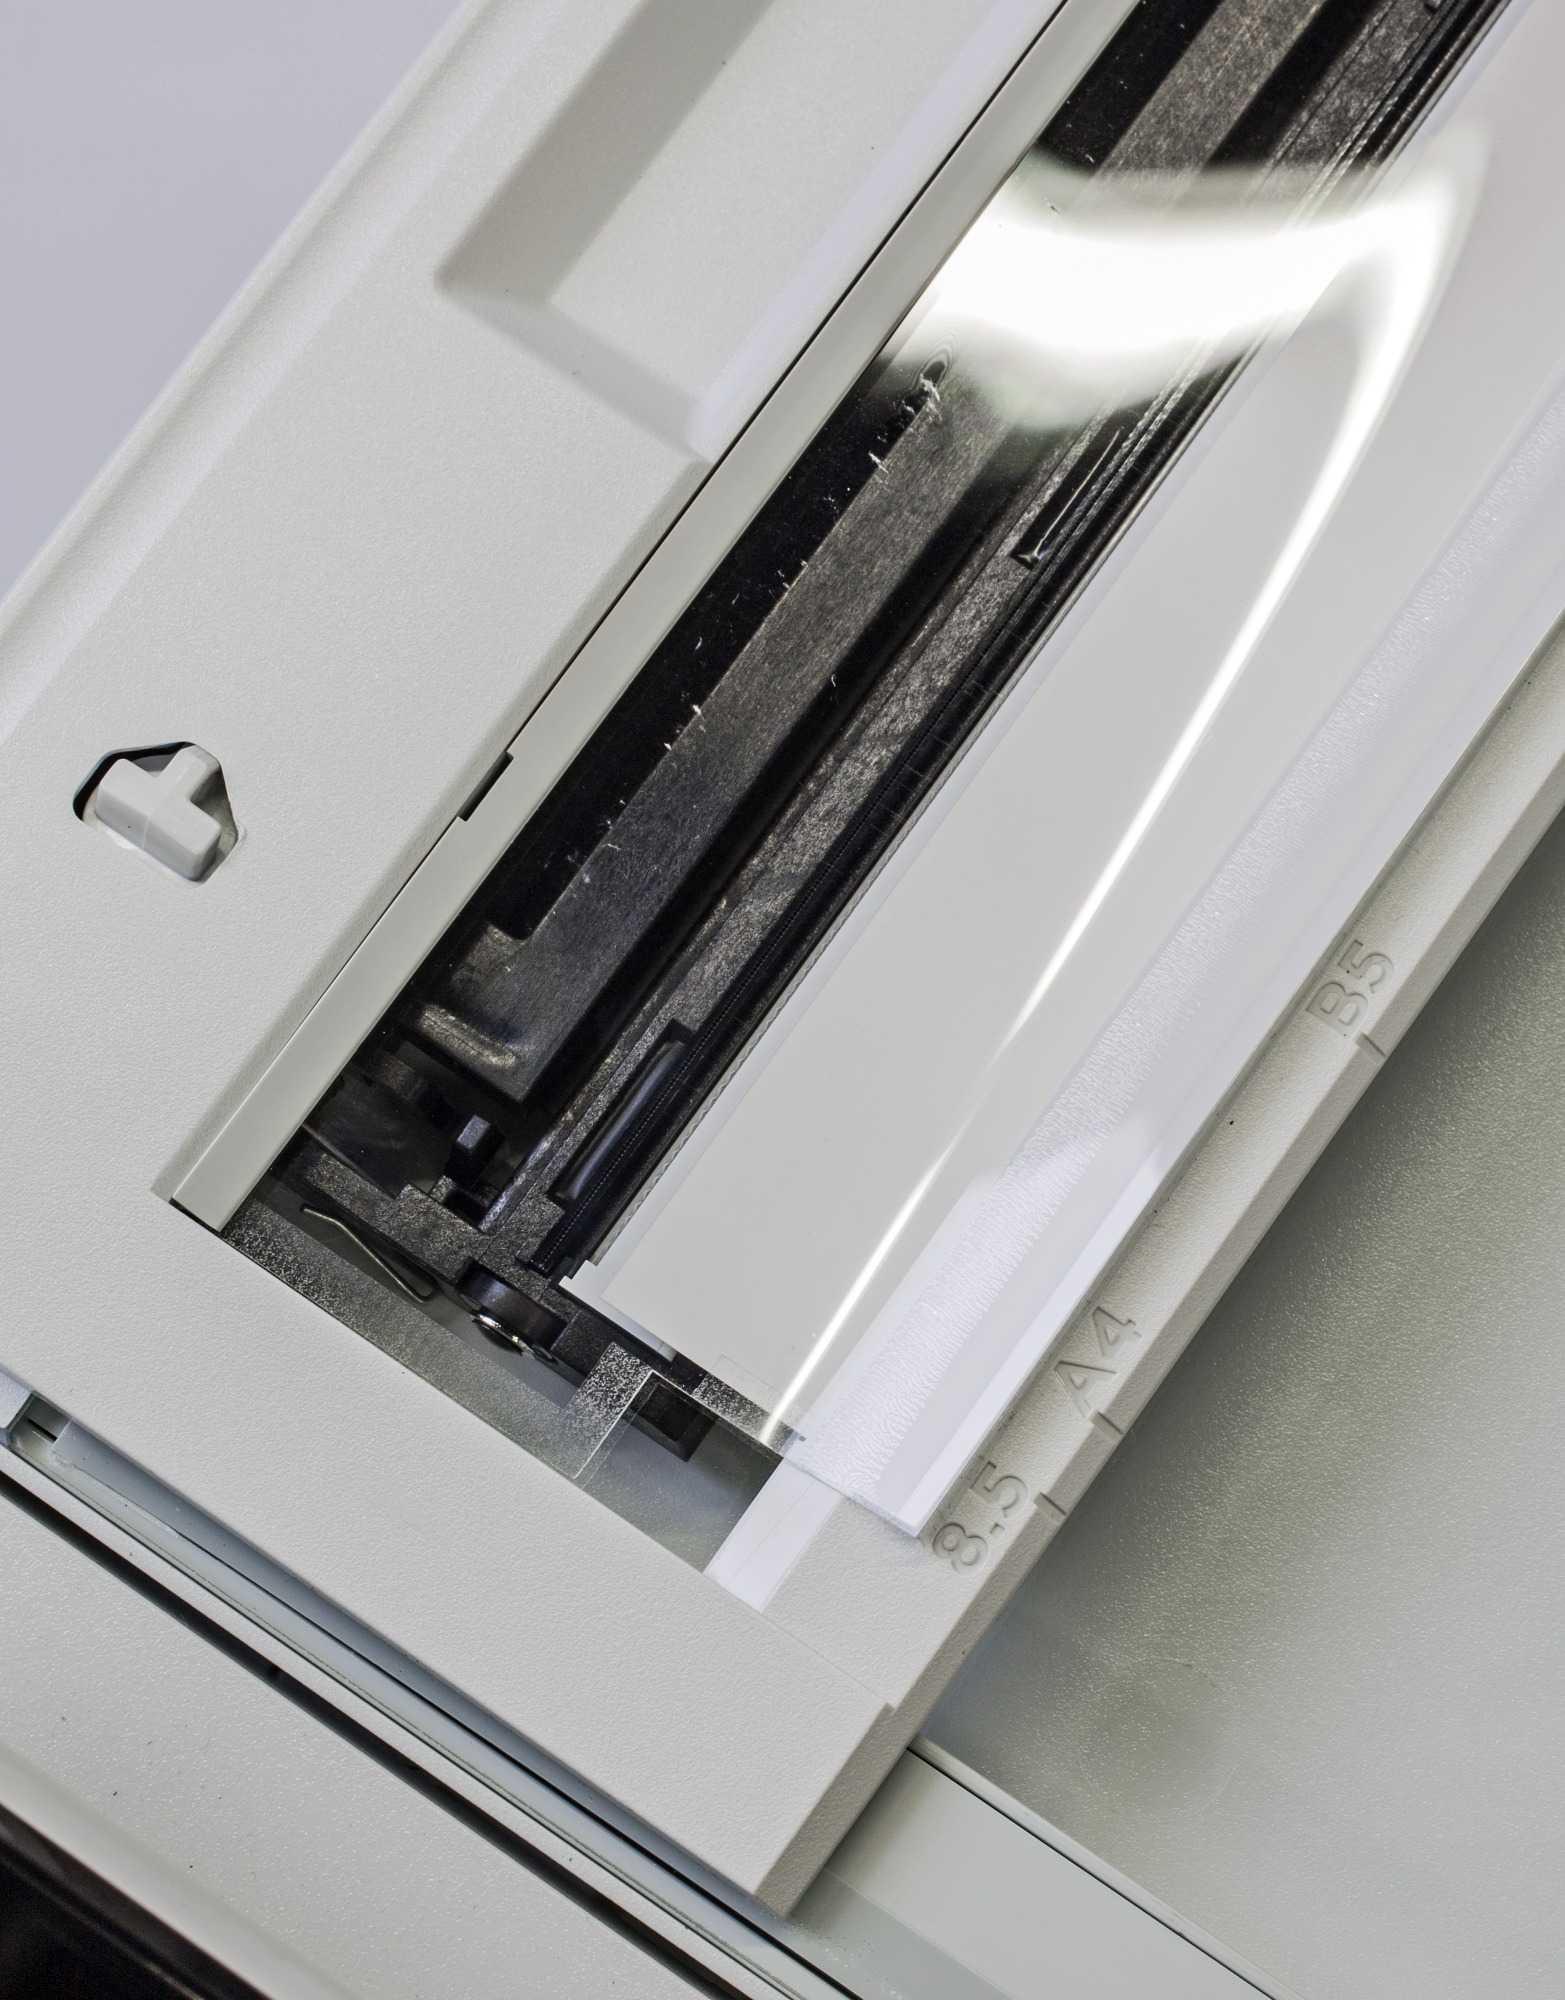 Die Folie auf der ADF-Scan-Zeile des HP Color LaserJet Pro M277 dient der Papierführung und darf keinesfalls entfernt werden.